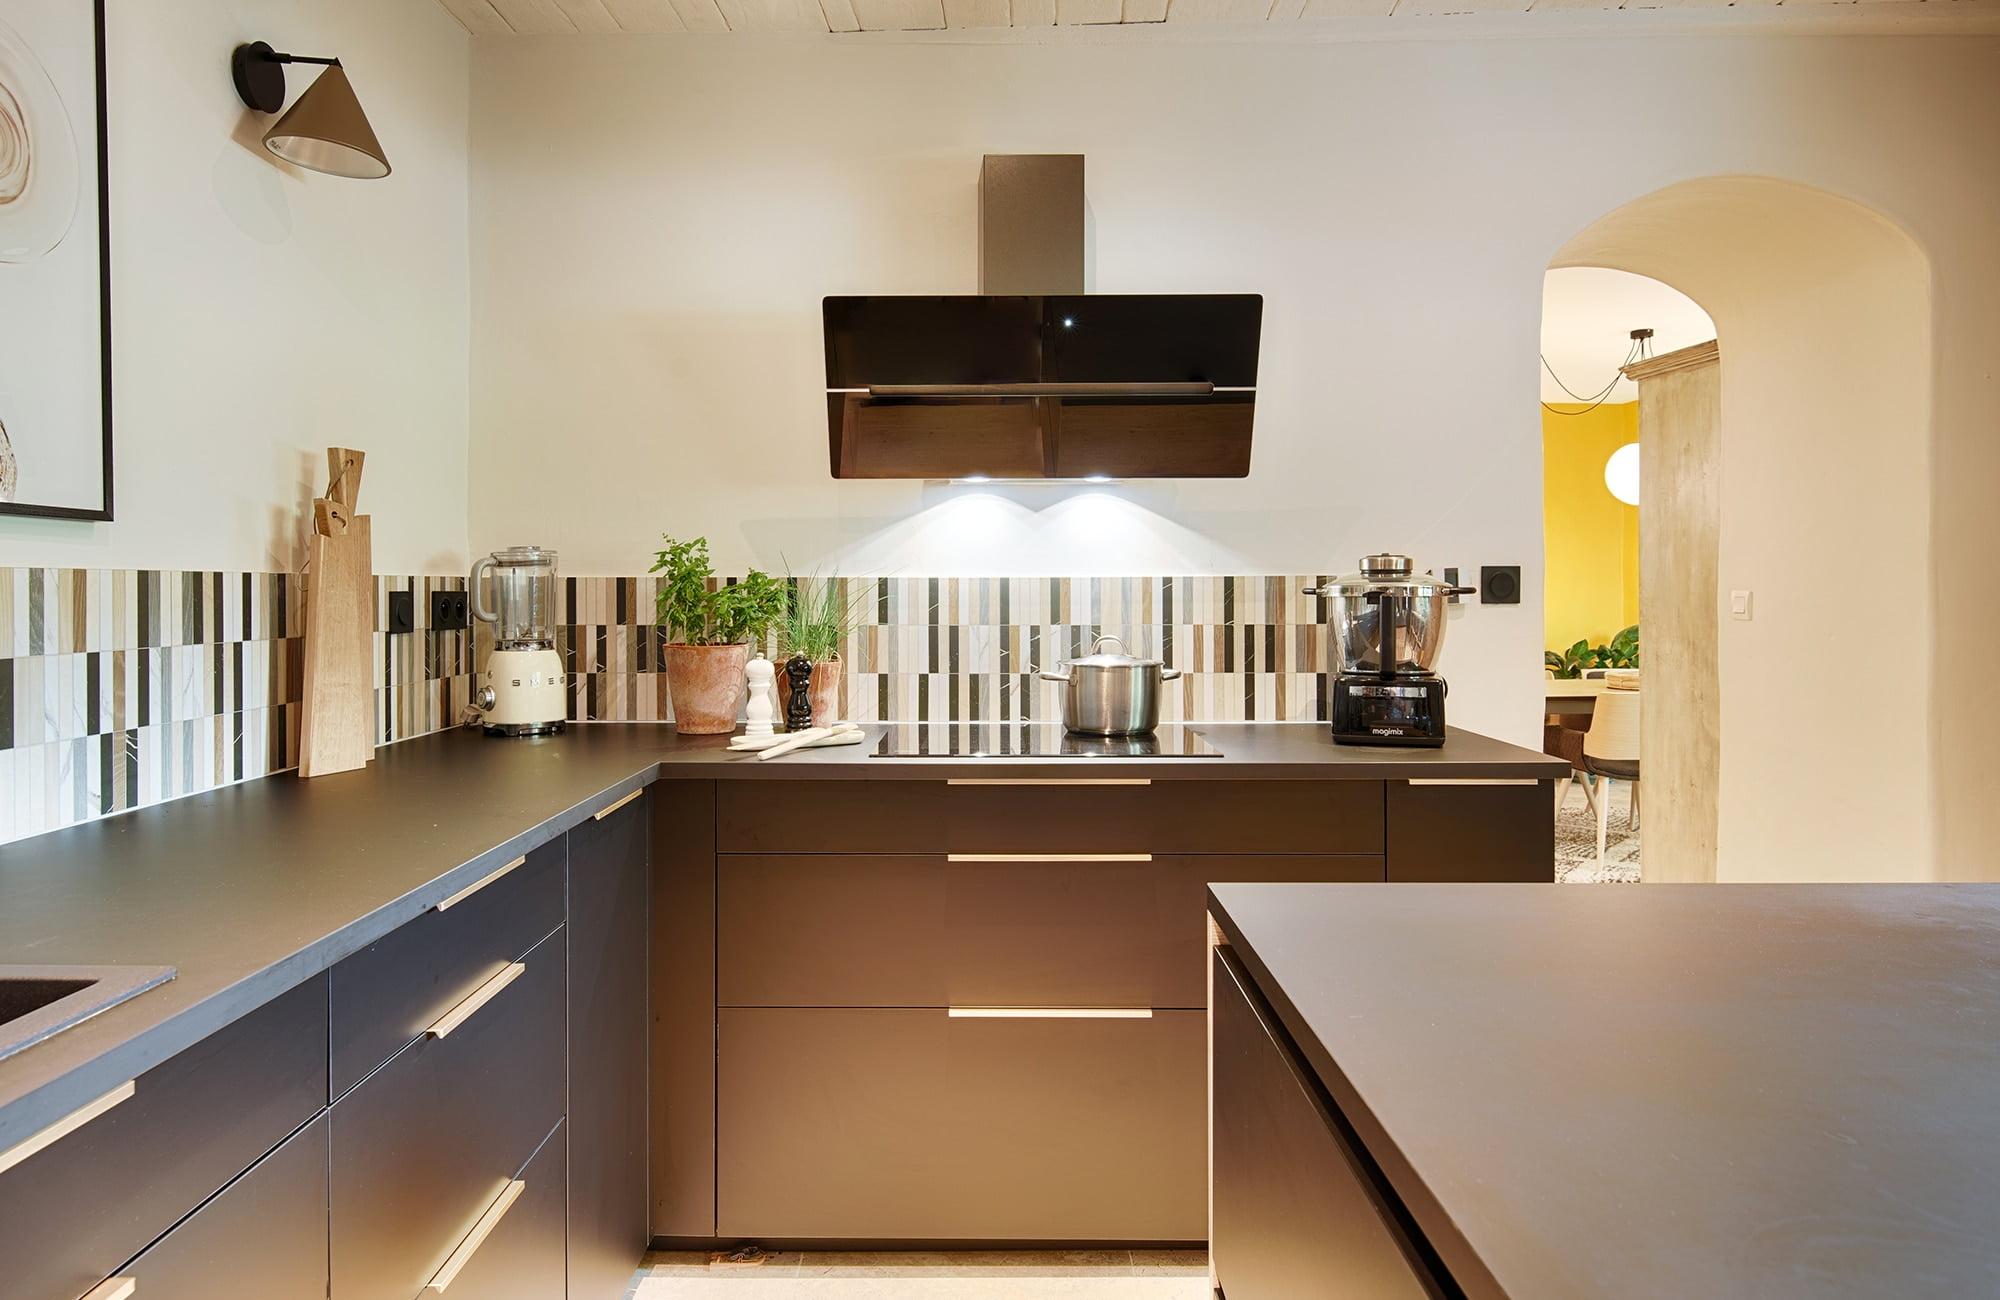 nouvelle cuisine pour un mas, par Kty.L Décoratrice UFDI à Avignon : cuisine noir, bois et effet béton